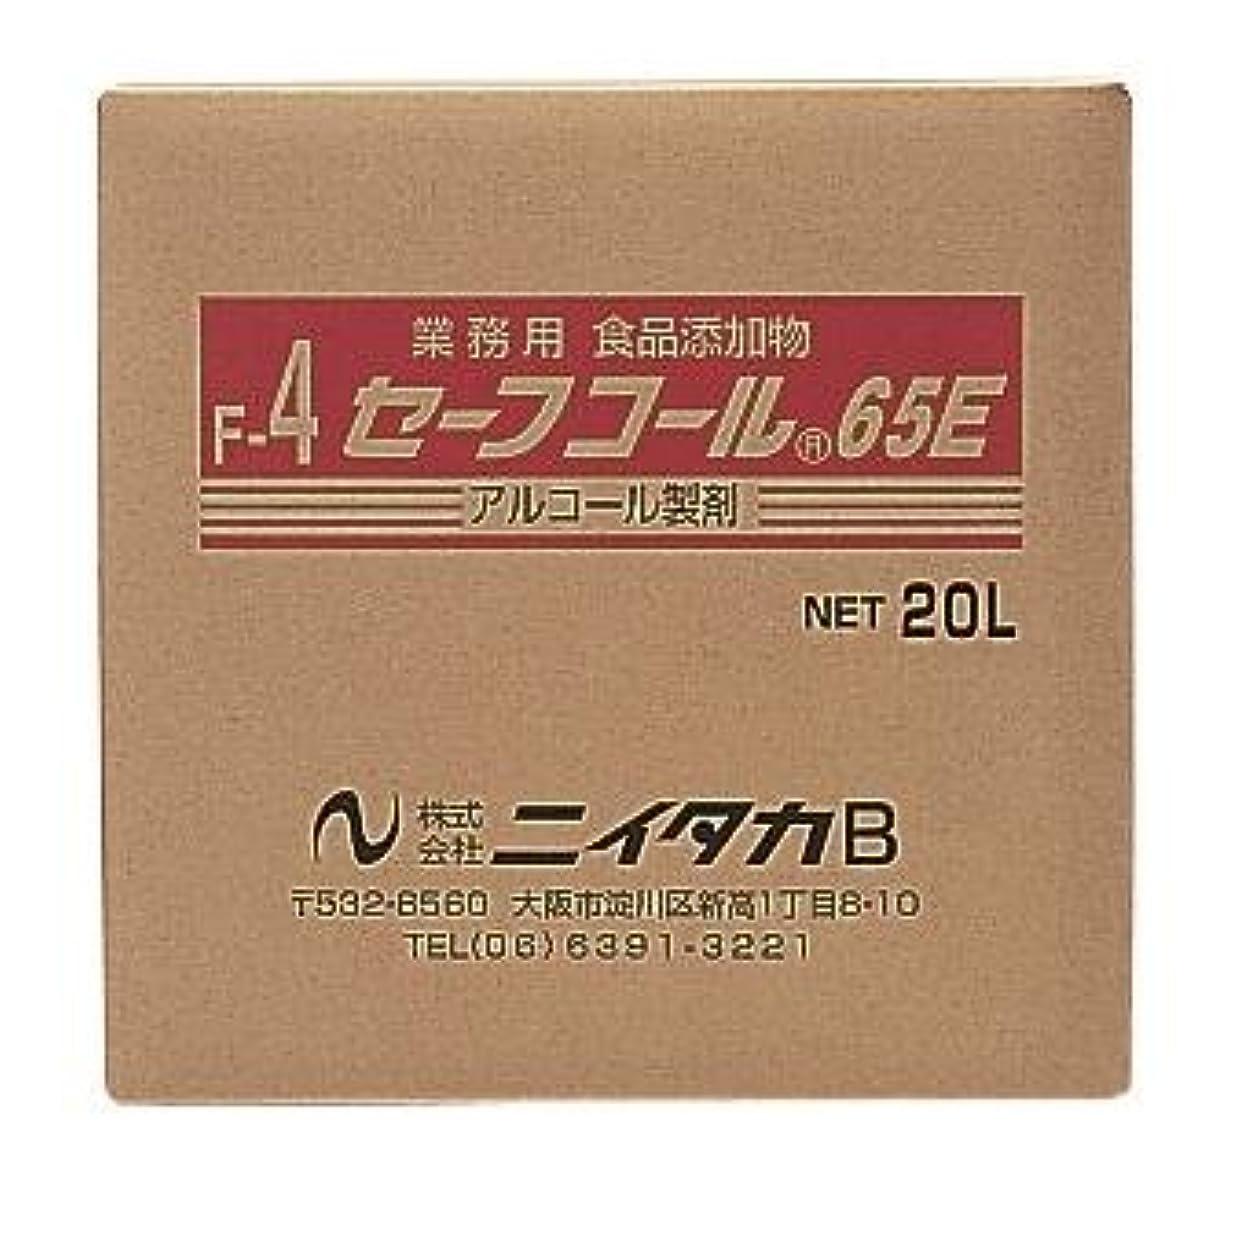 ポール用心説明ニイタカ:セーフコール65E(F-4) 20L(BIB) 270302